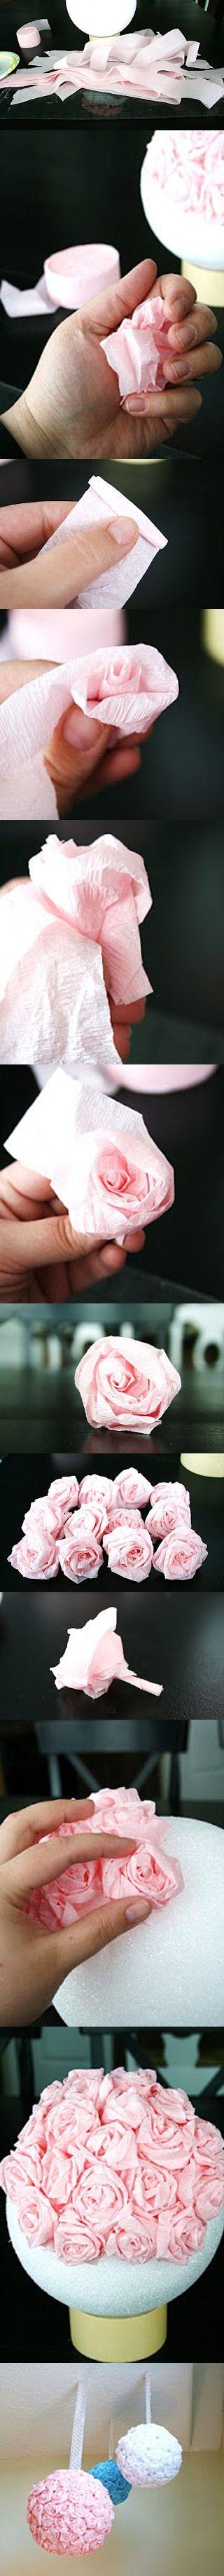 Este artículo nació por la pregunta de una mamáque está decorando el cumple para su hija de Minnie o Mimí y me preguntó cómo podría hacer el arreglo o centro de mesa para su cumpleaños con flores de papel, que había visto en ese post: Lo que vas a necesitar:...